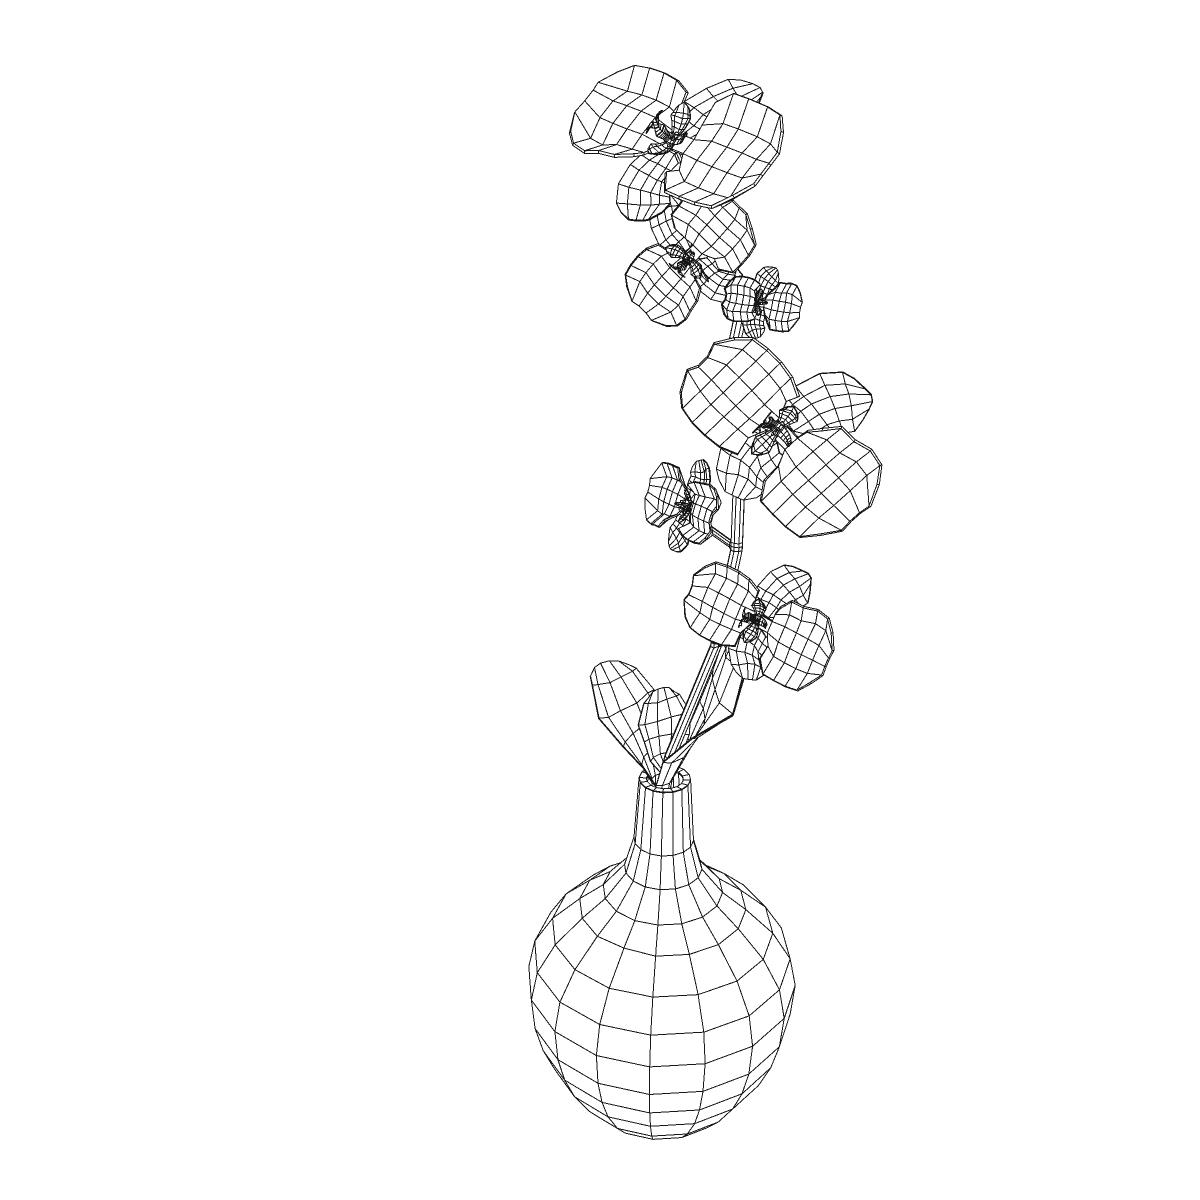 cvijetna baza 3d model 3ds max fbx ma mb obj 158101